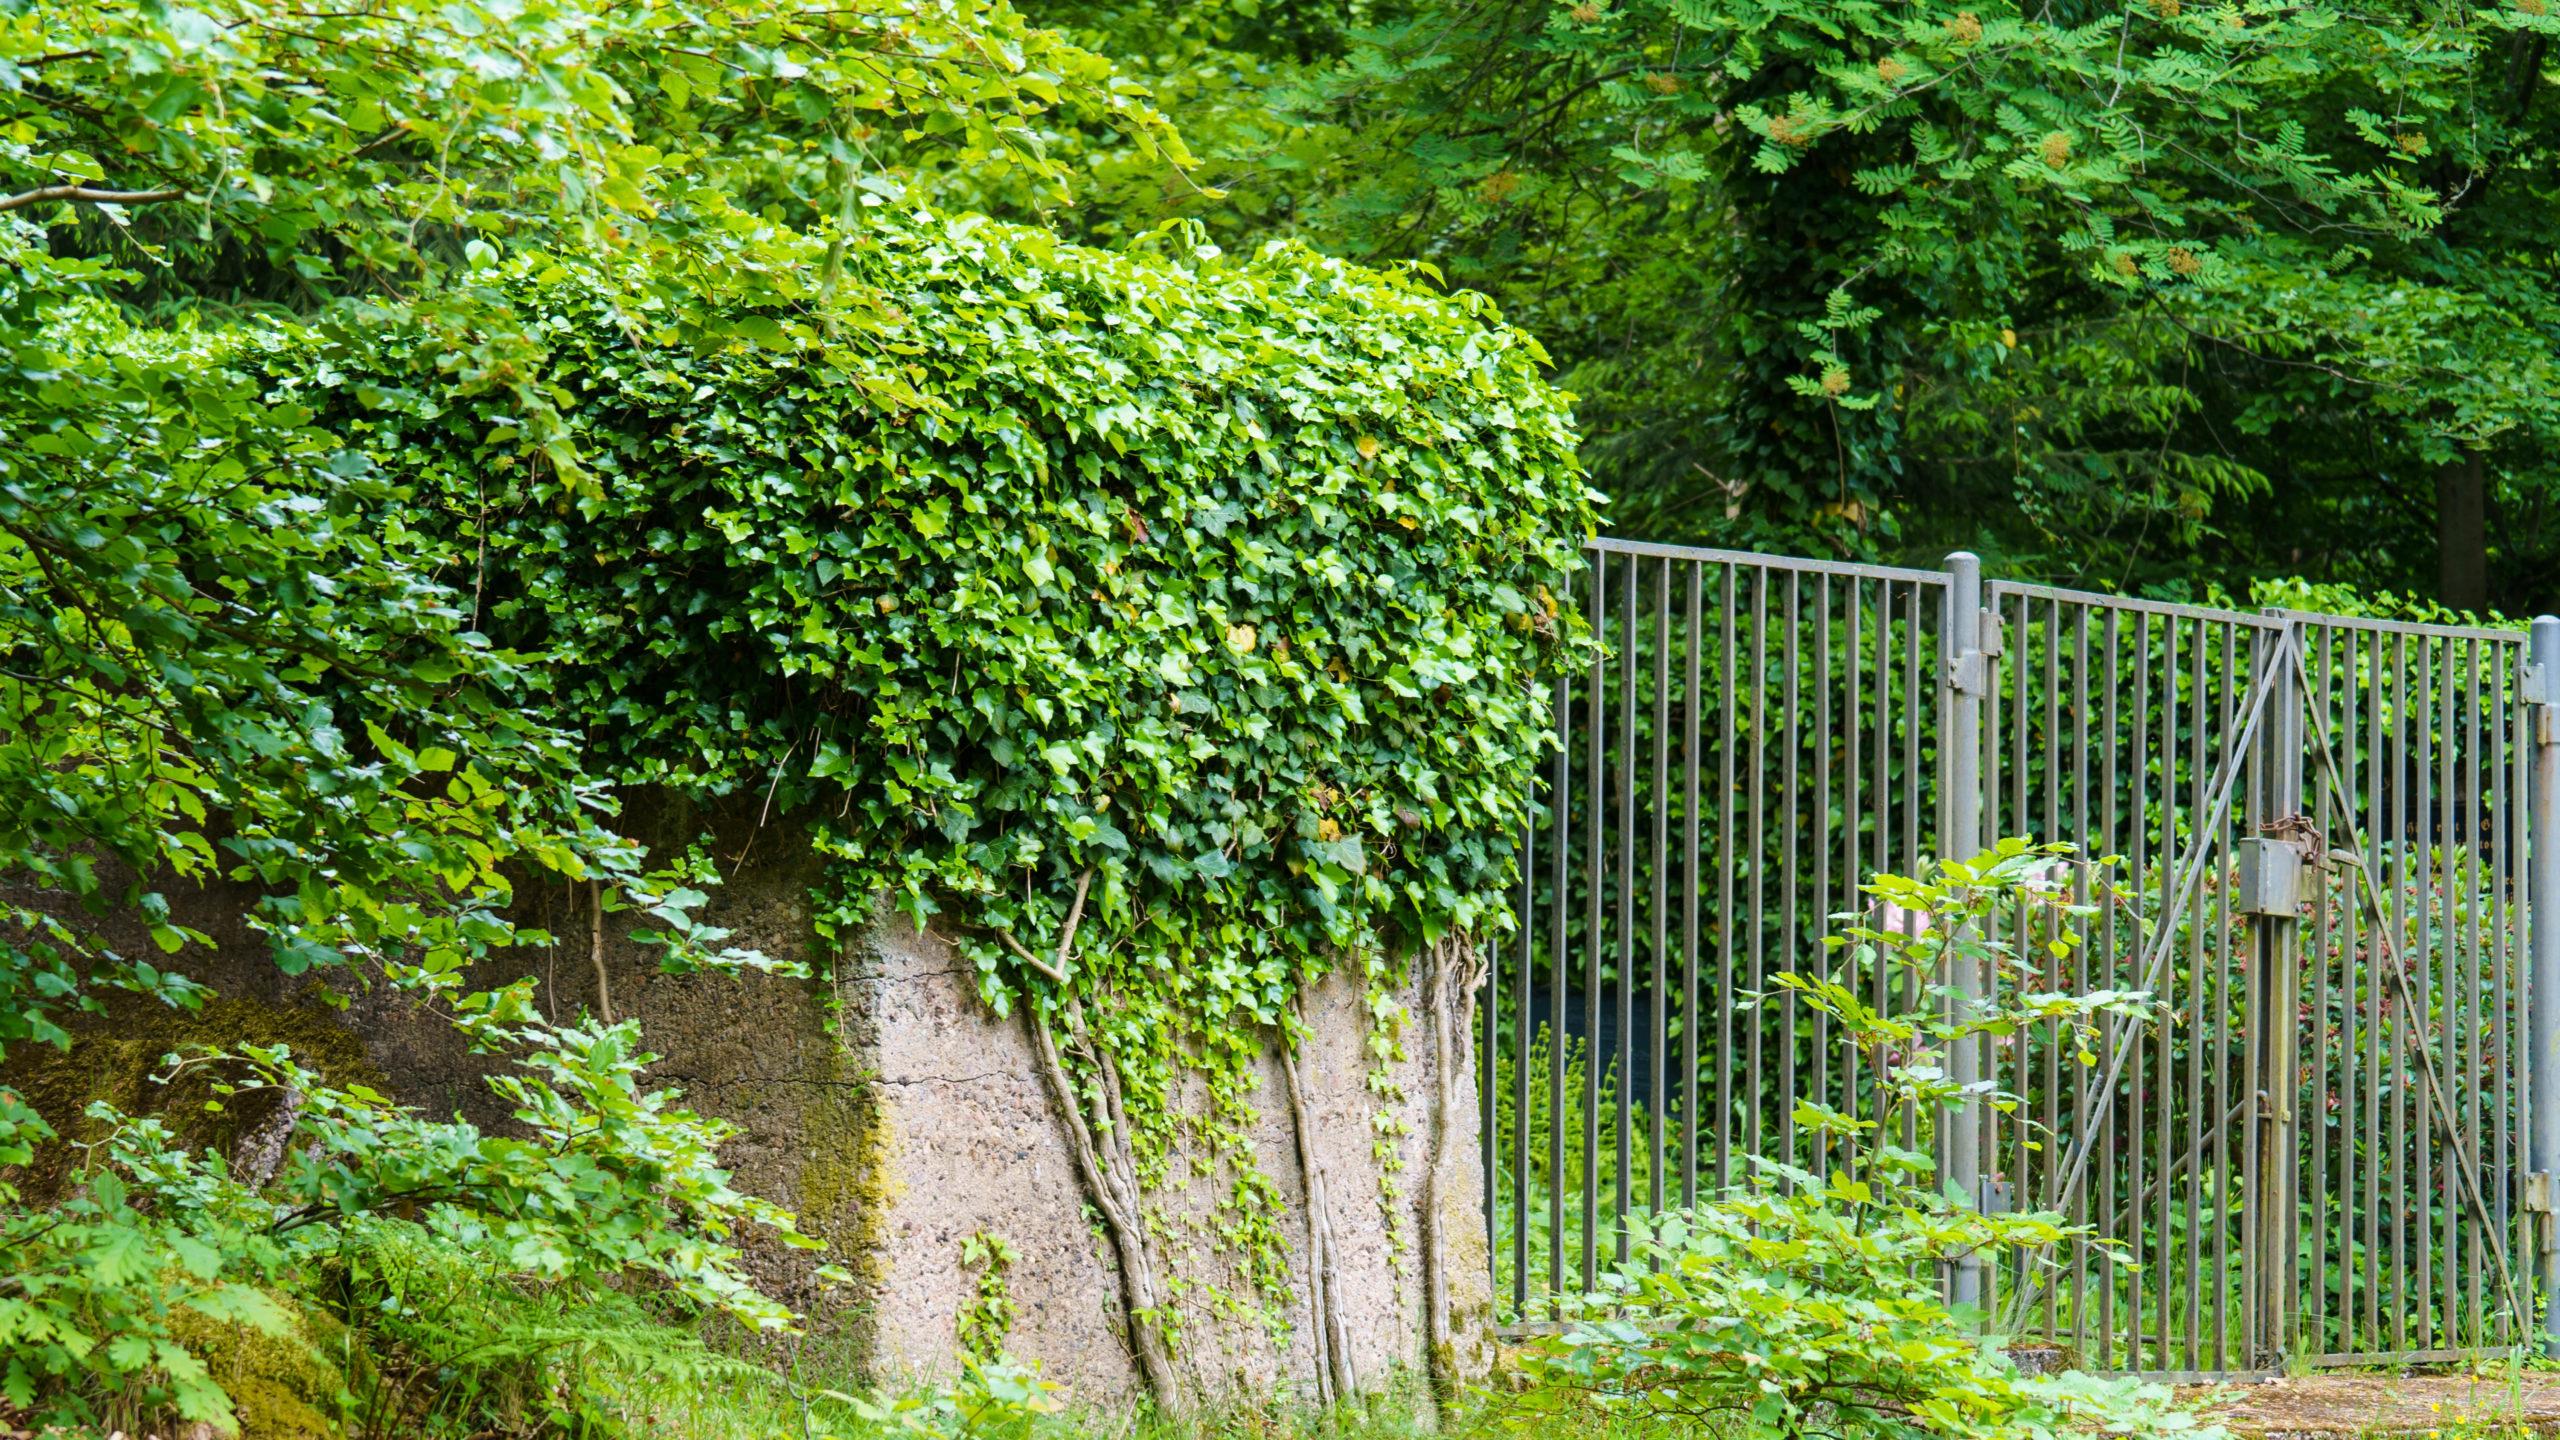 Grenzweg Gerstunger Forst, an der Erbbegräbnis-Stätte im Hessischen nahe Grenzweg